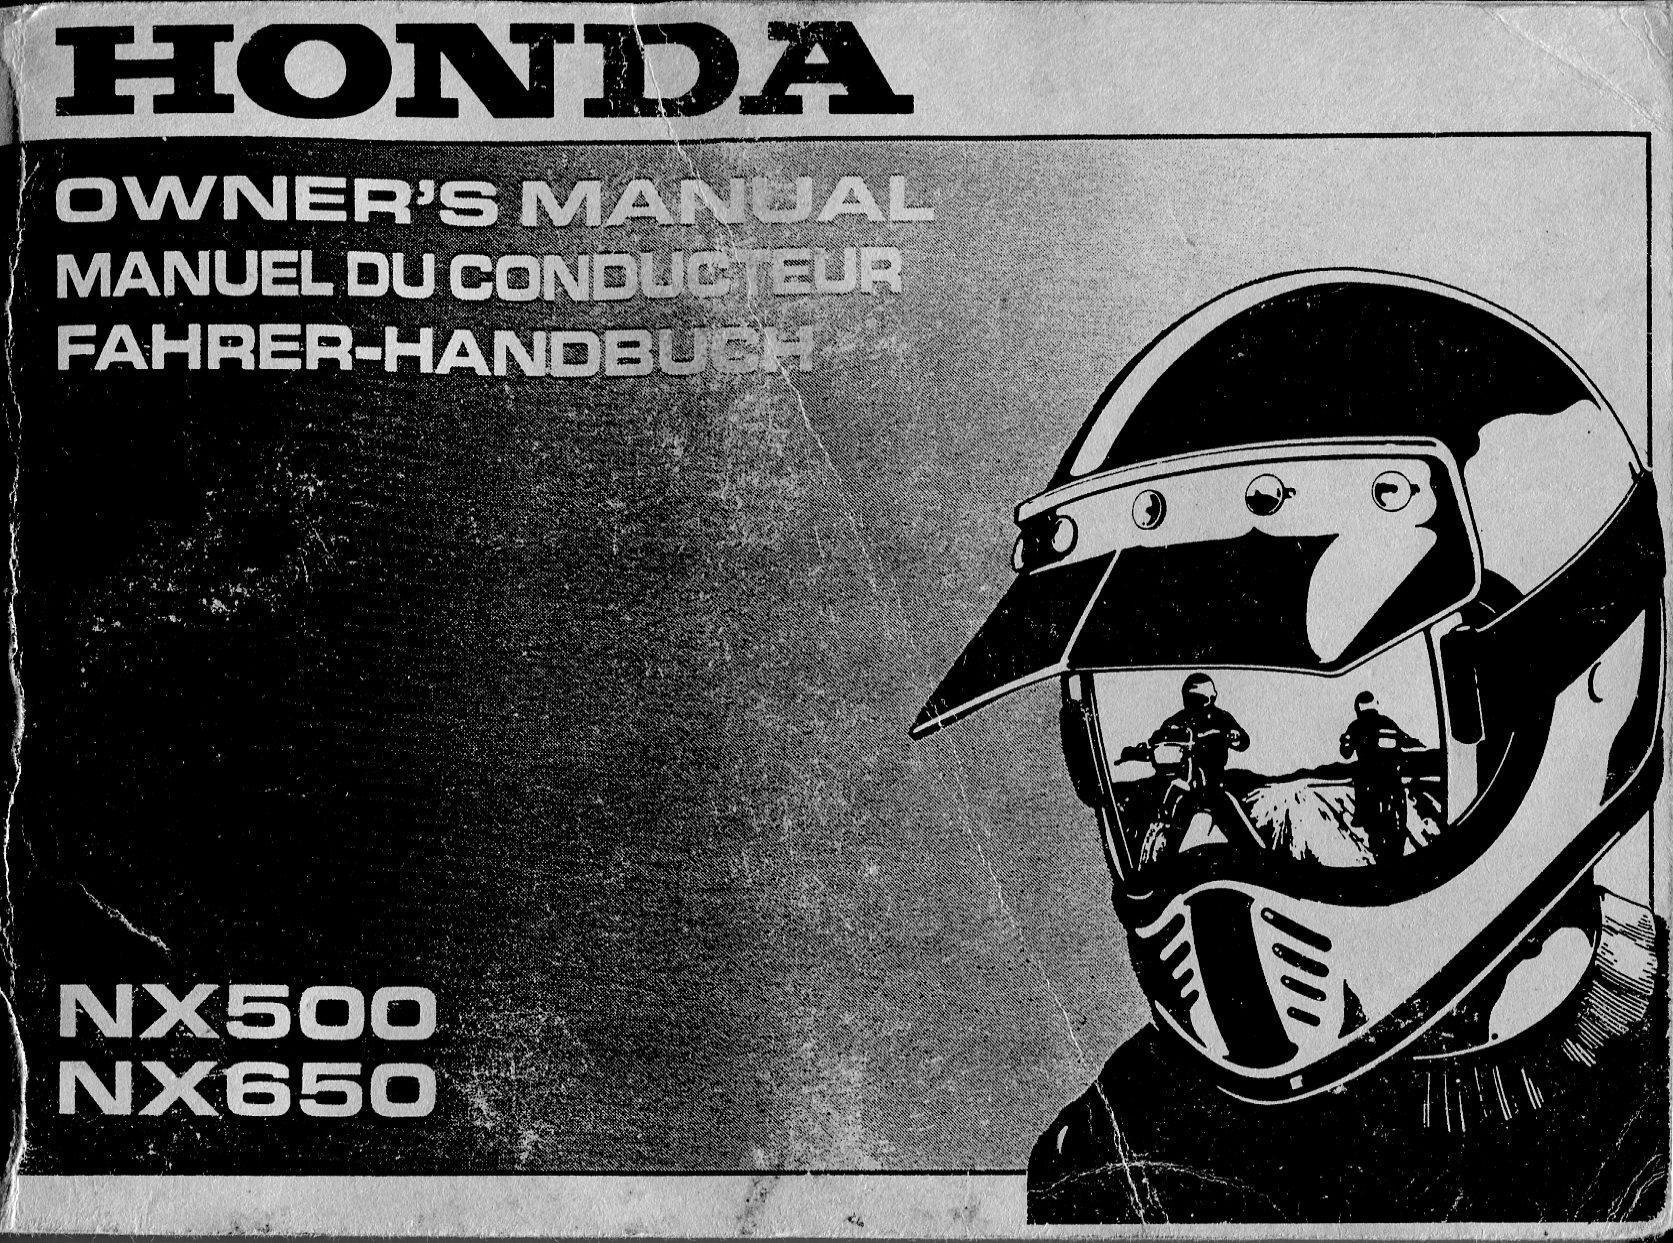 Honda NX650 (1993) Owner's Manual